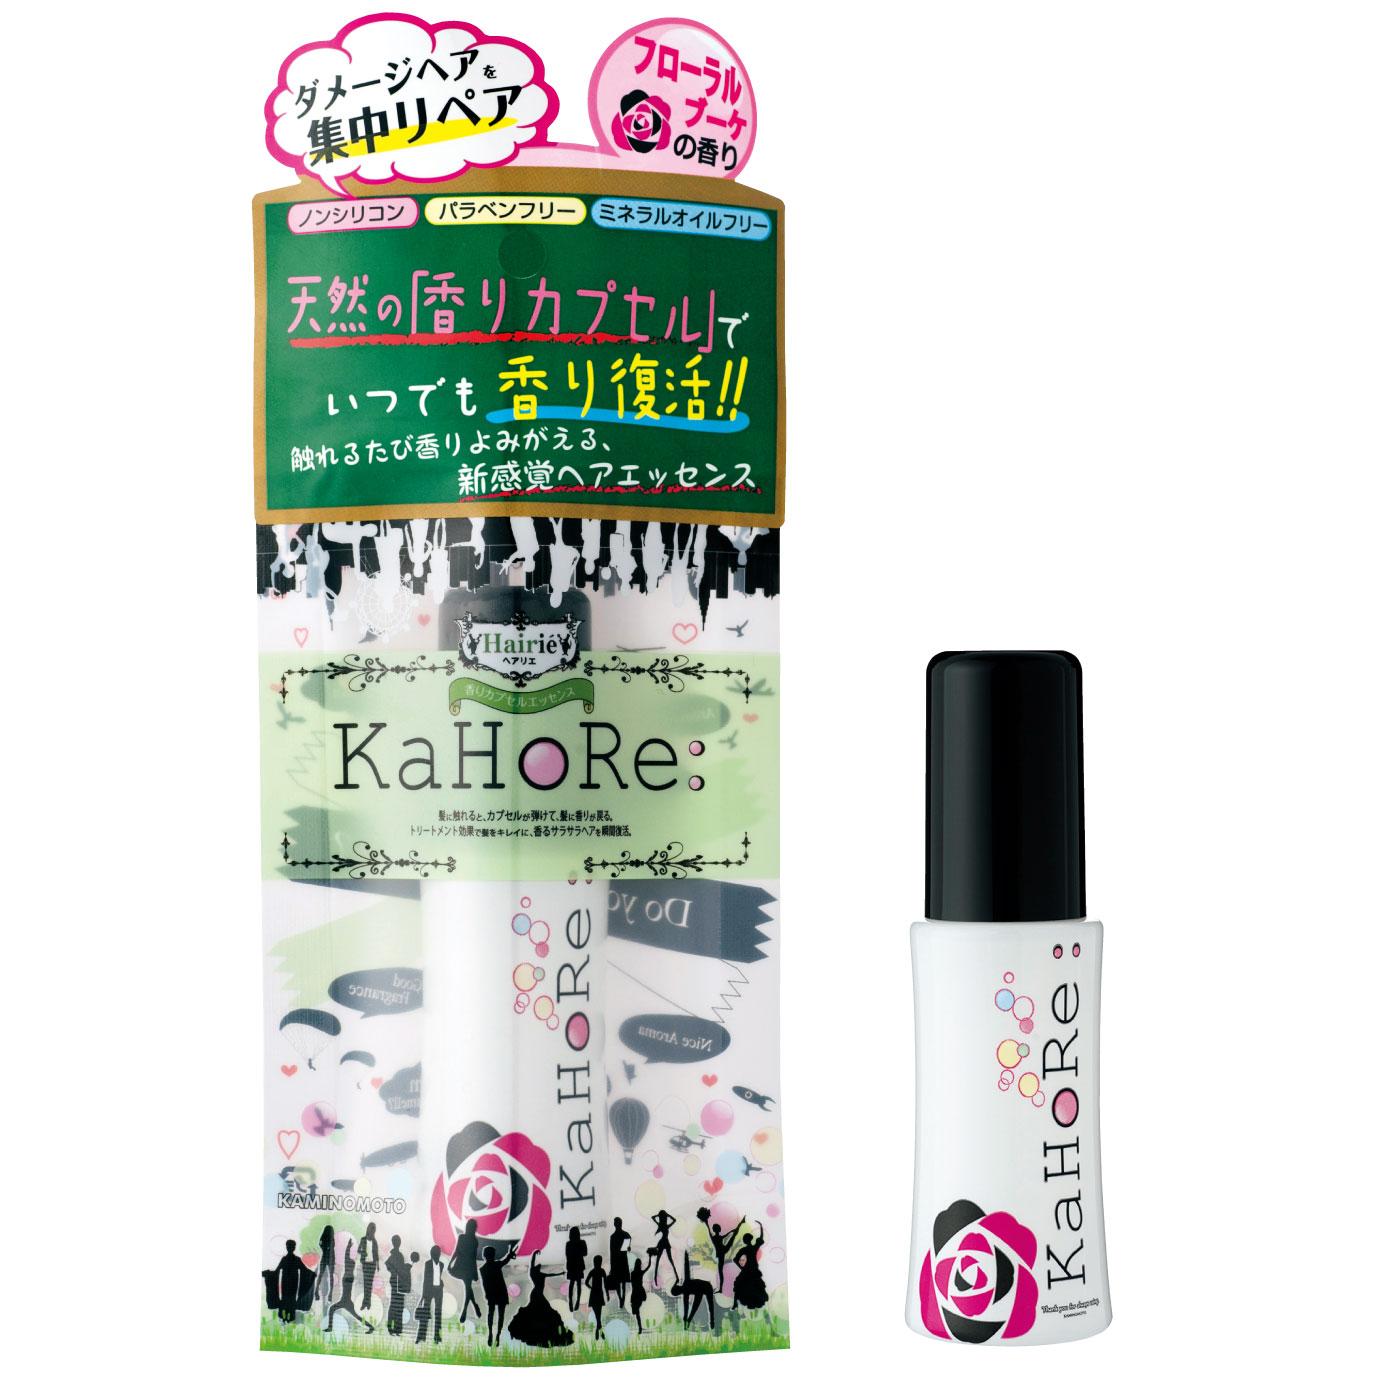 ヘアリエ KaHoRe:ヘアエッセンス フローラルブーケの香り